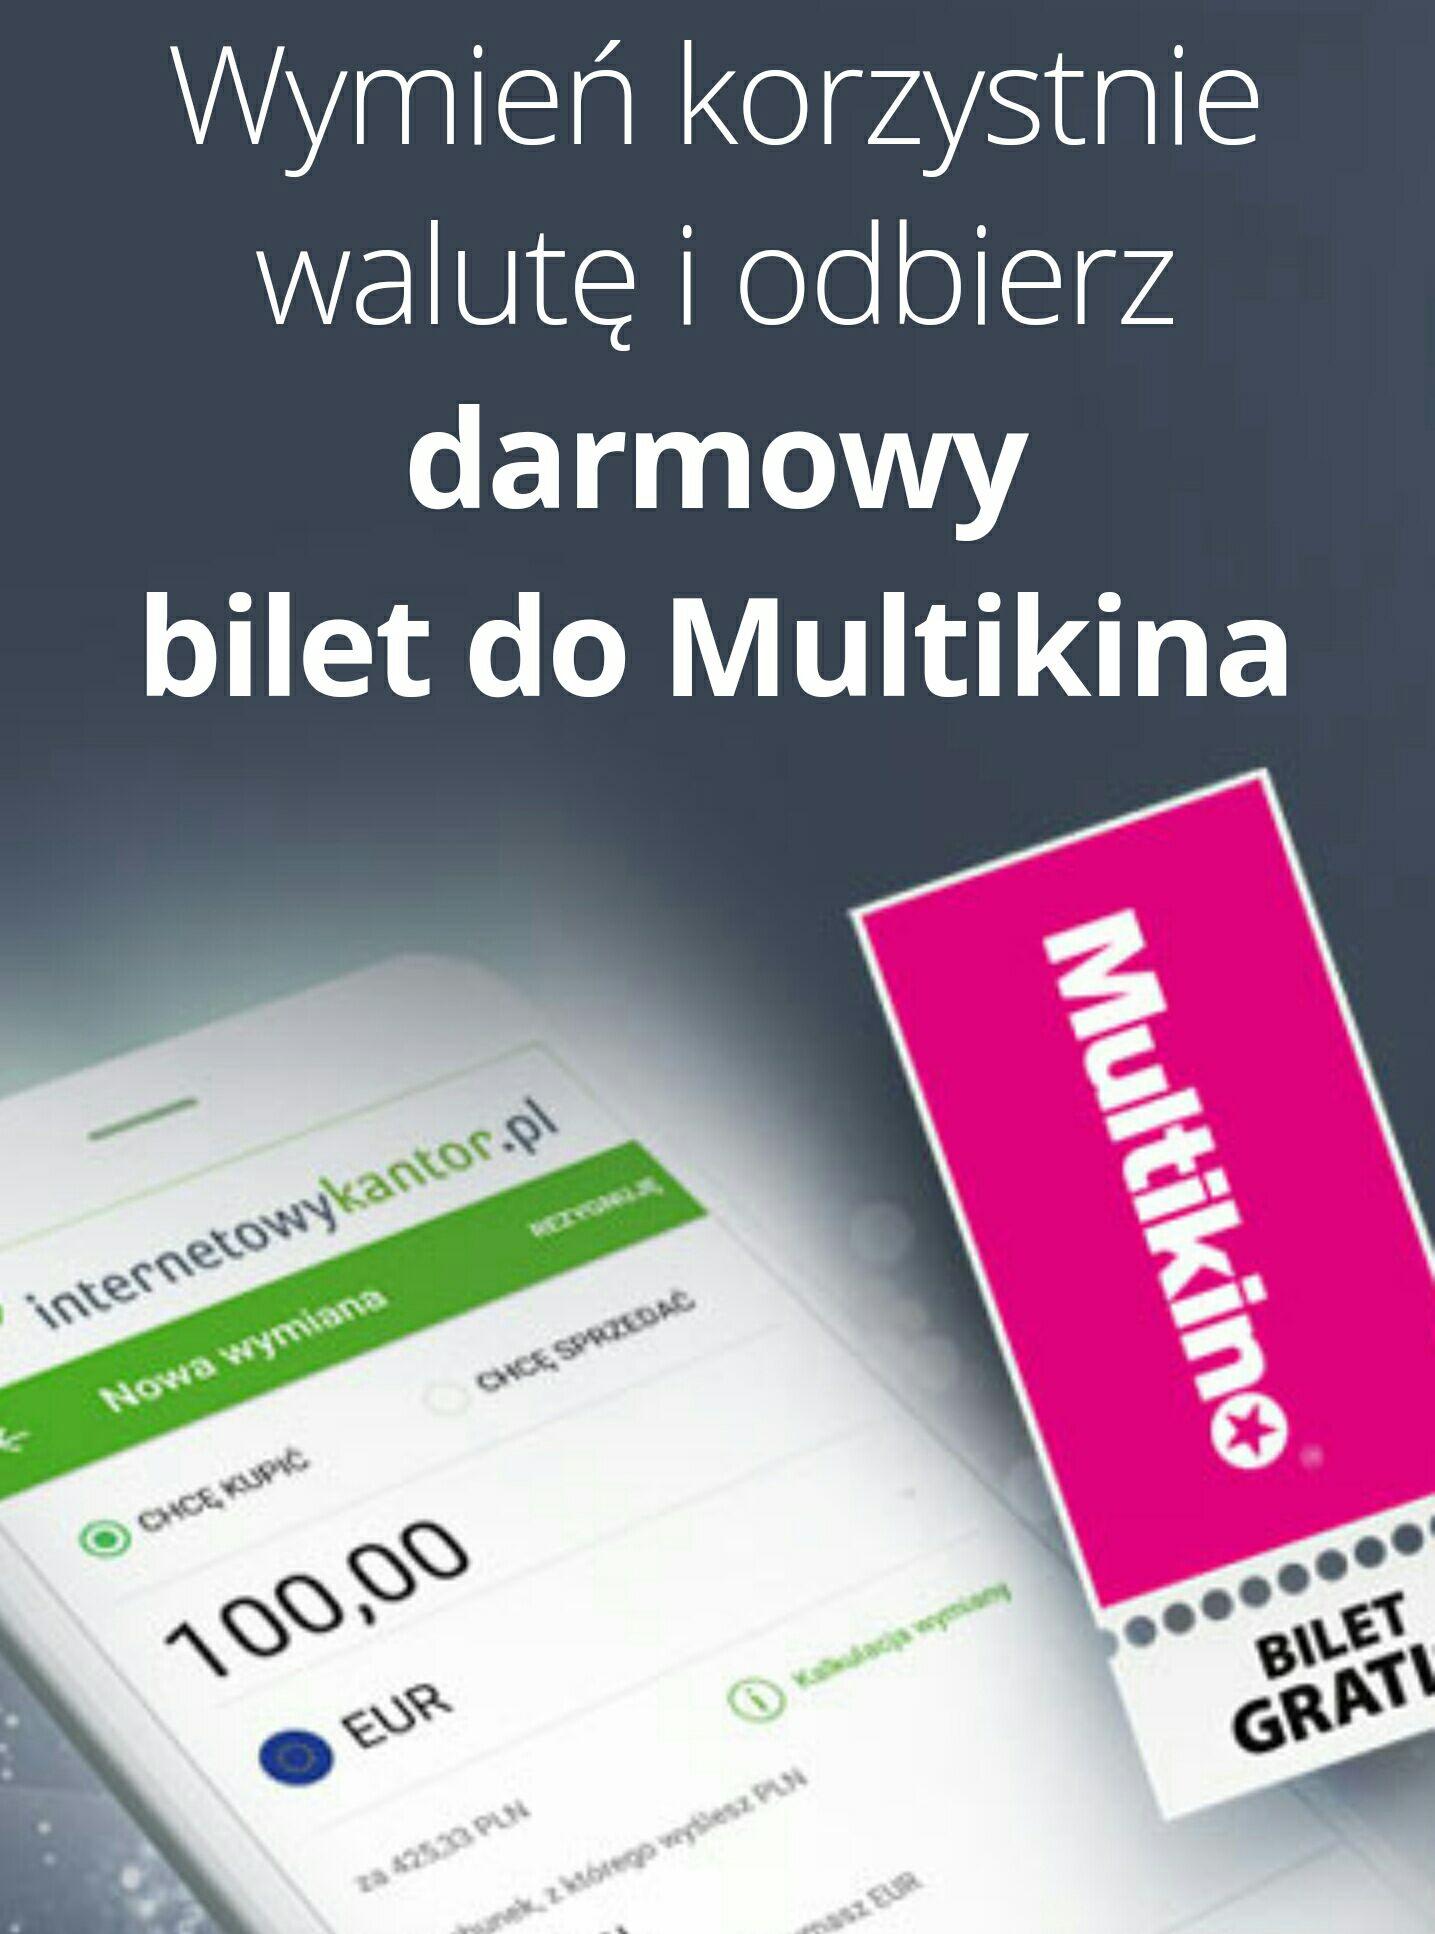 Darmowy bilet za rejestrację i wymianę waluty na internetowykantor.pl